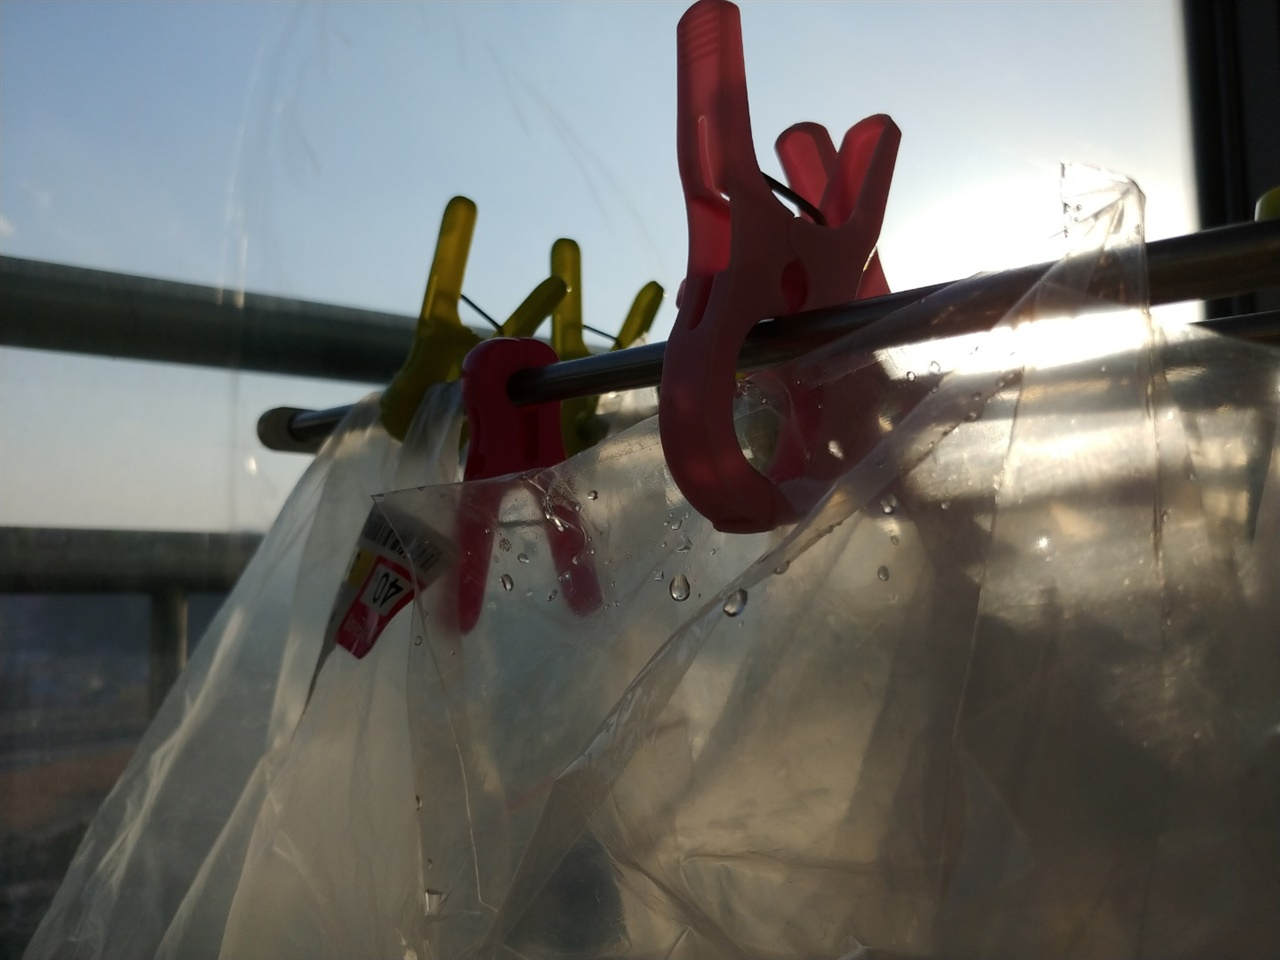 우리집 건조대에는 비닐이 빨래처럼 널려있다. 생각하는 대로 사는 풍경 같아 볼 때 마다 신난다.